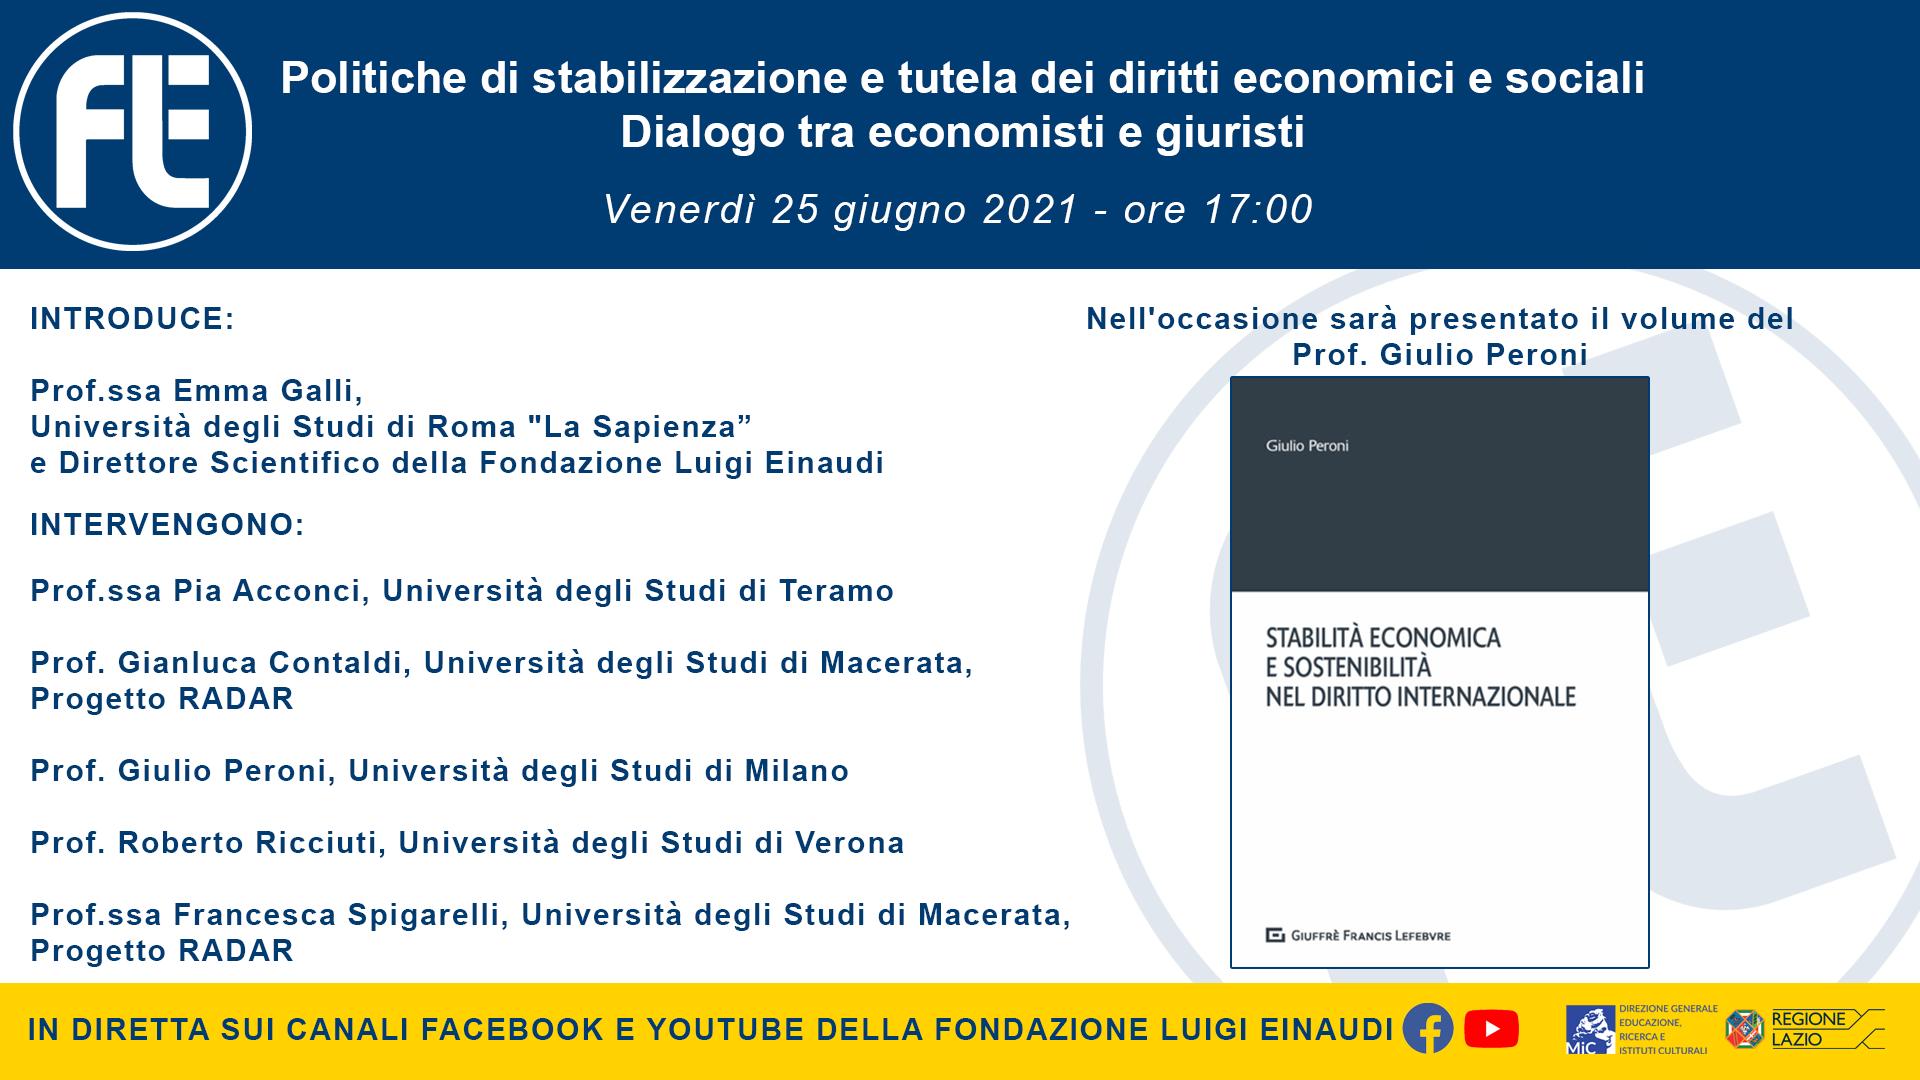 Politiche di stabilizzazione e tutela dei diritti economici e sociali – 25 giugno ore 17:00